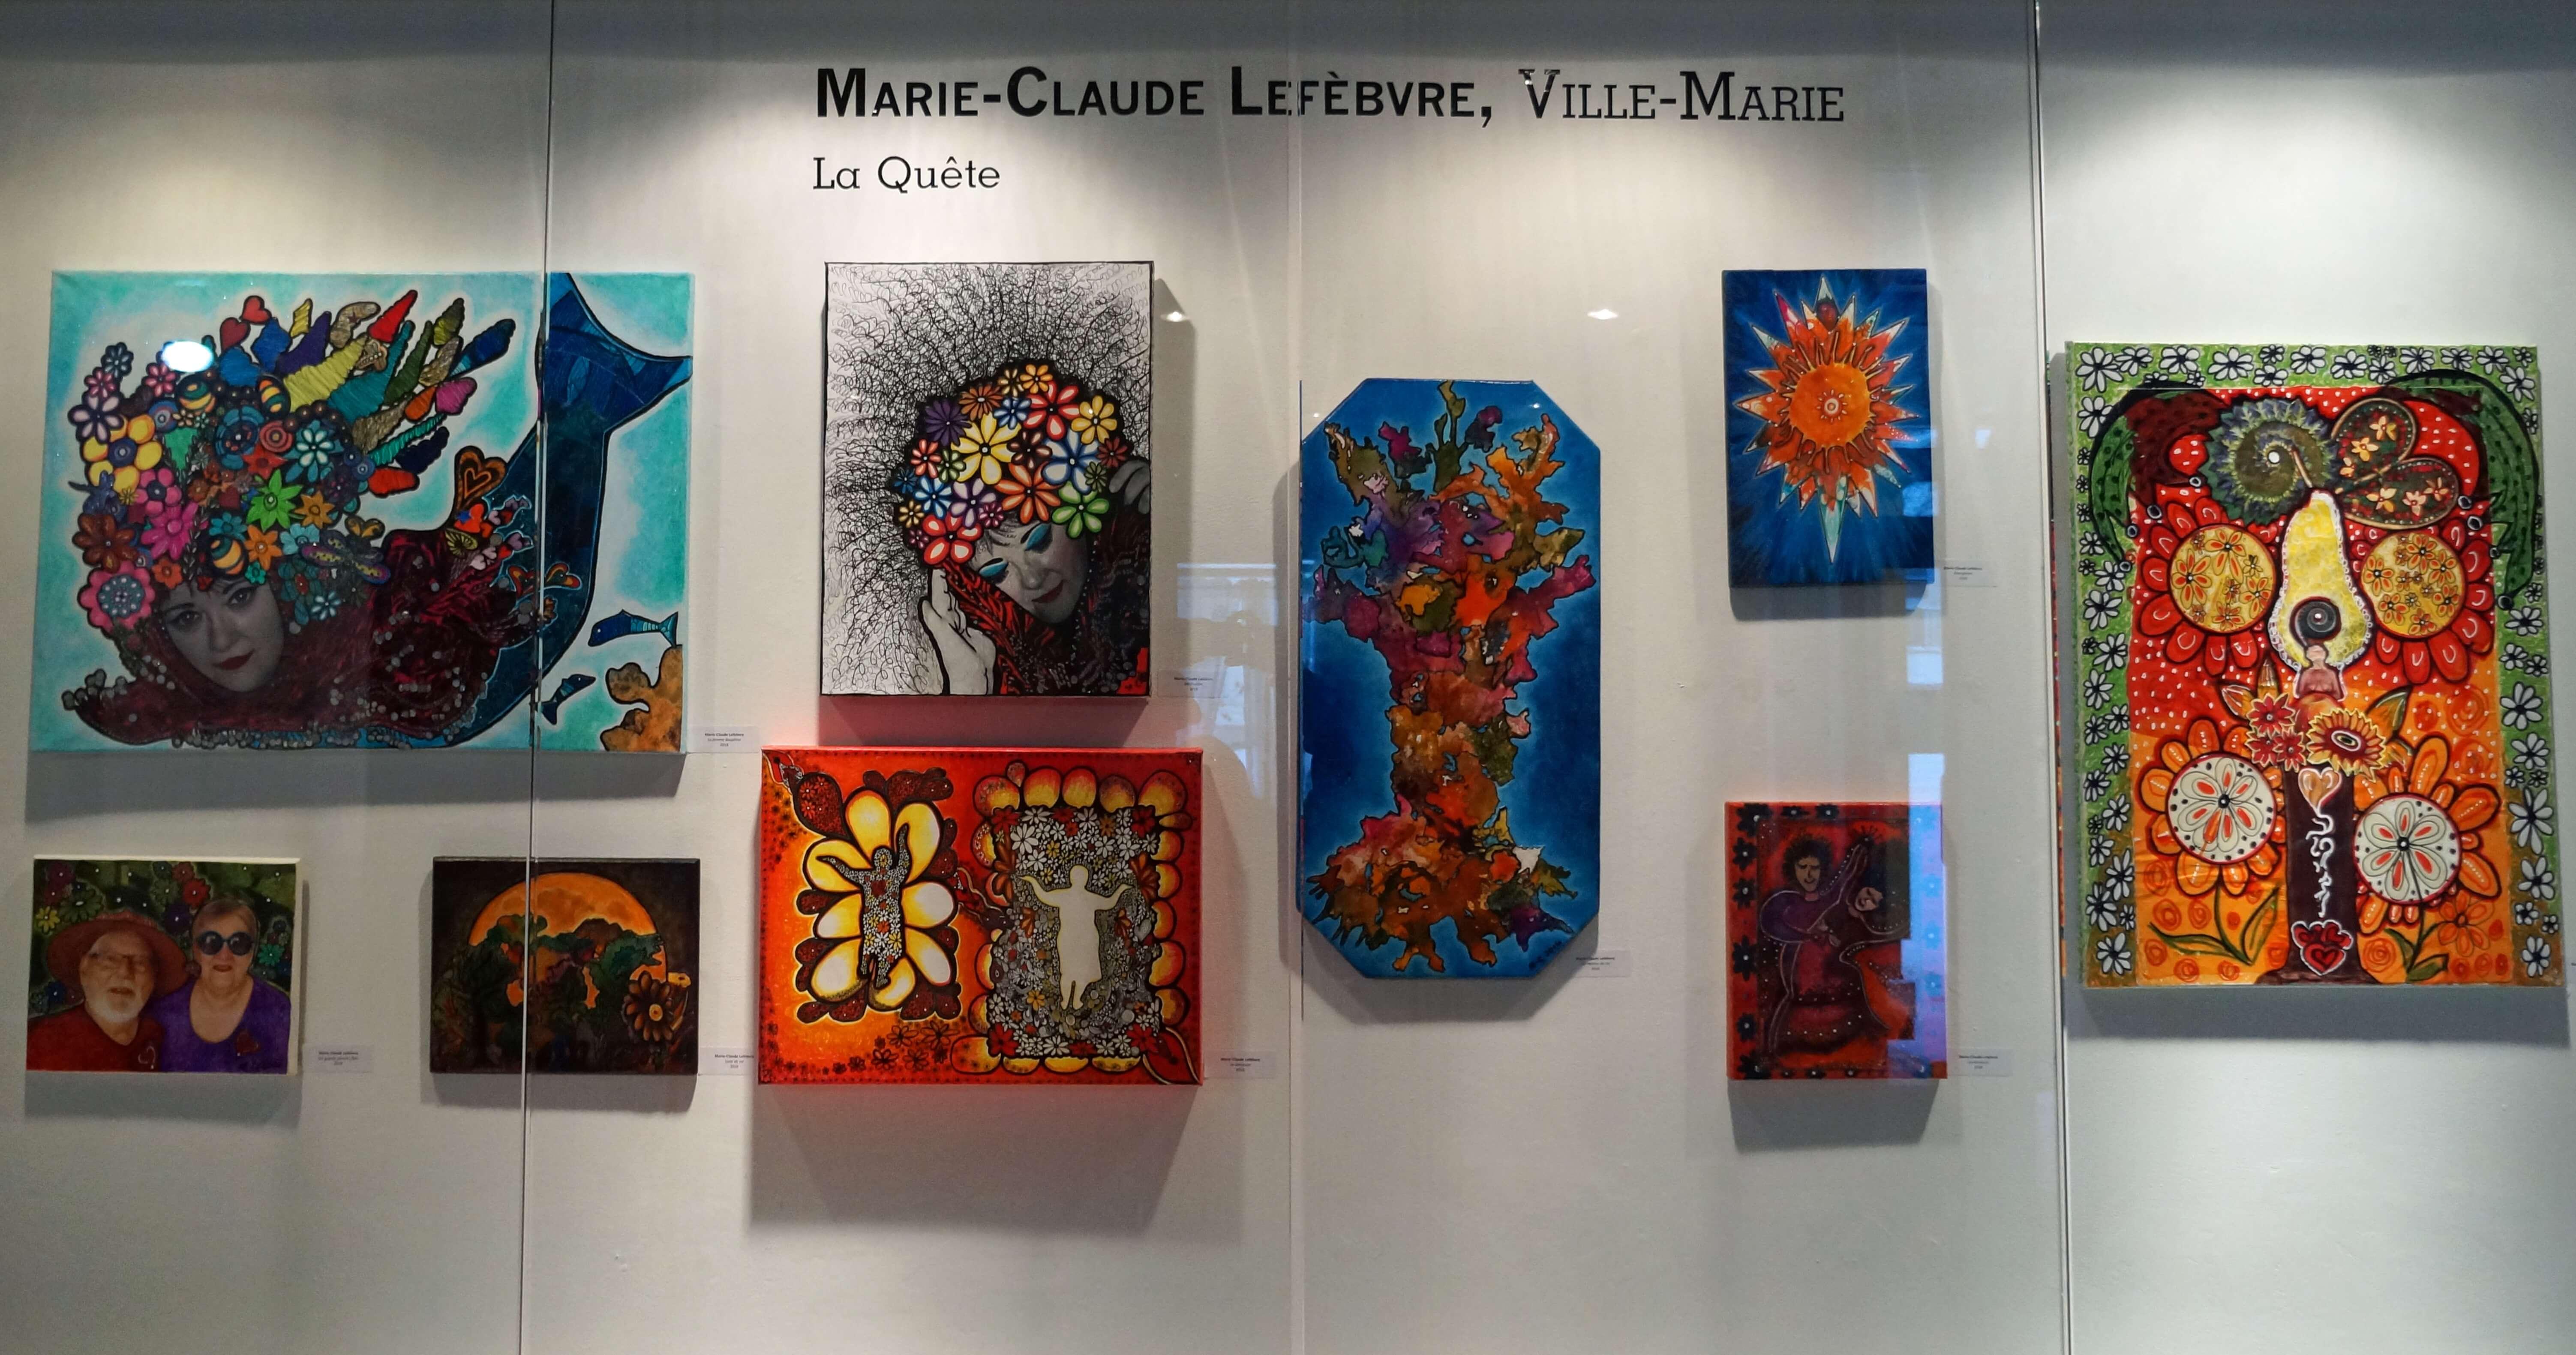 Marie-Claude Lefebvre